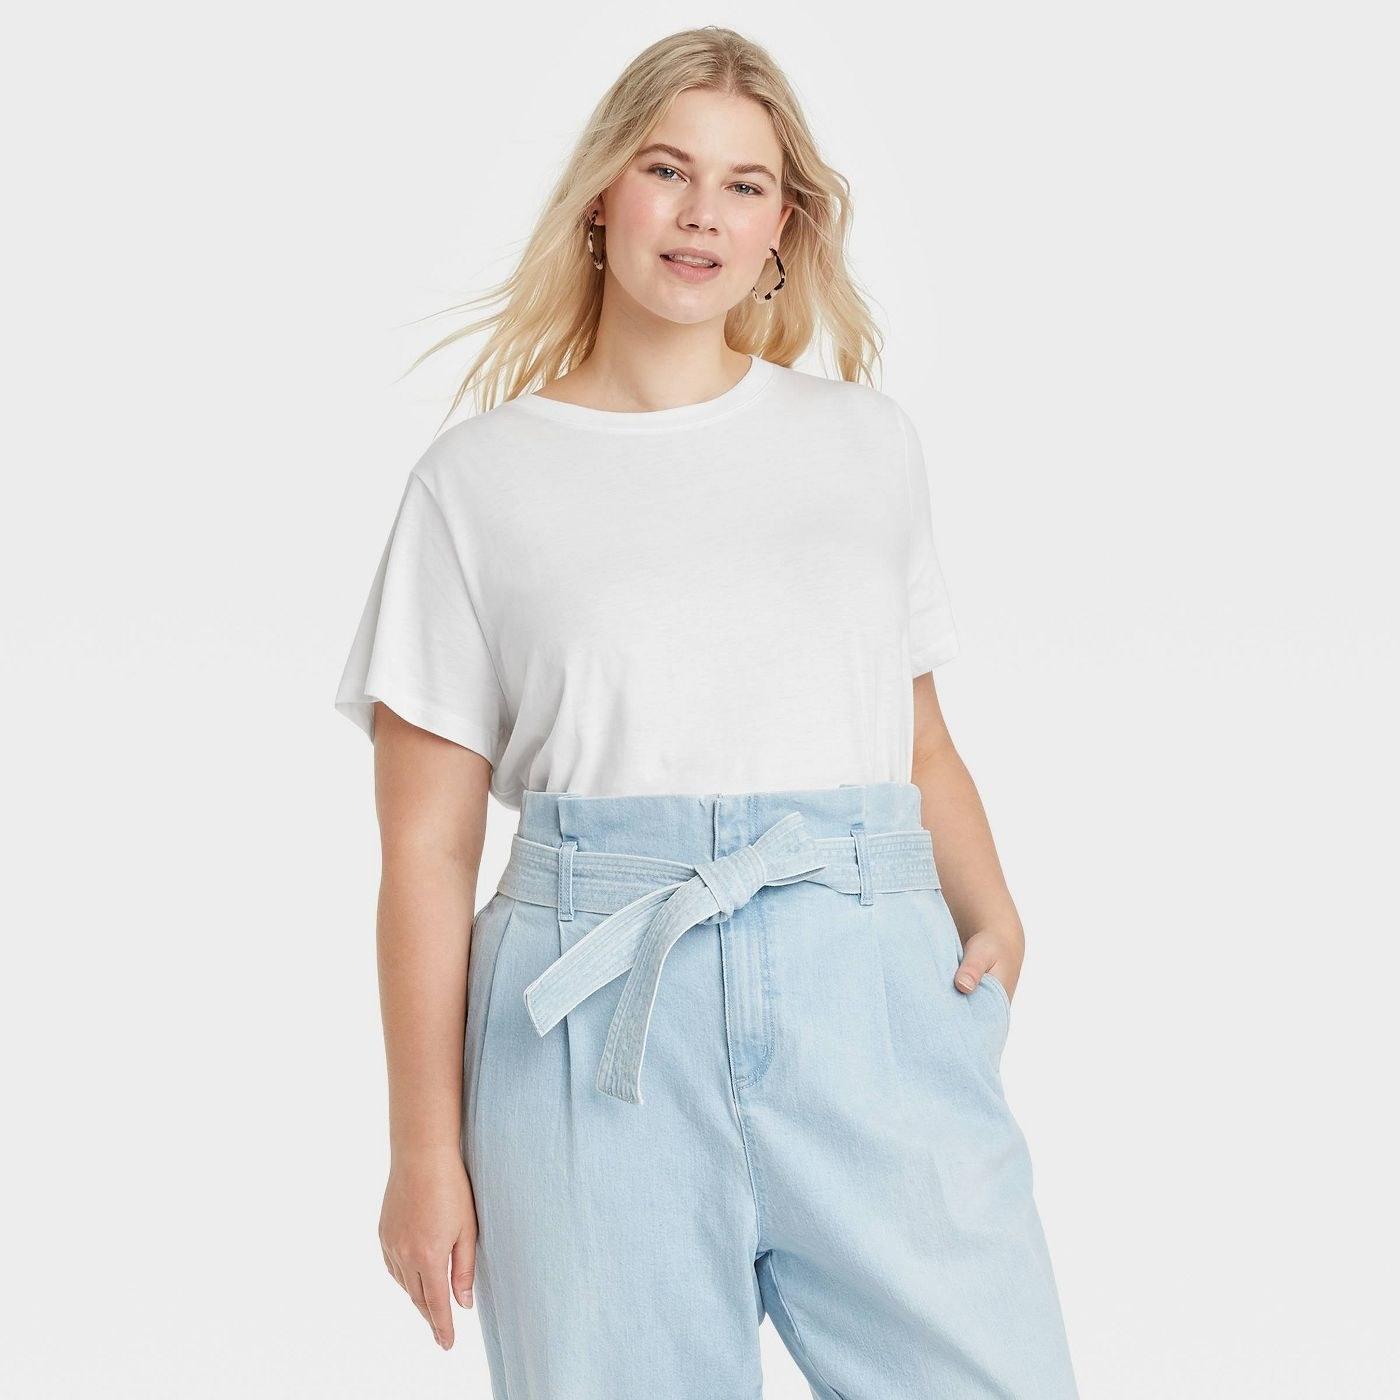 Model in white short sleeve shirt